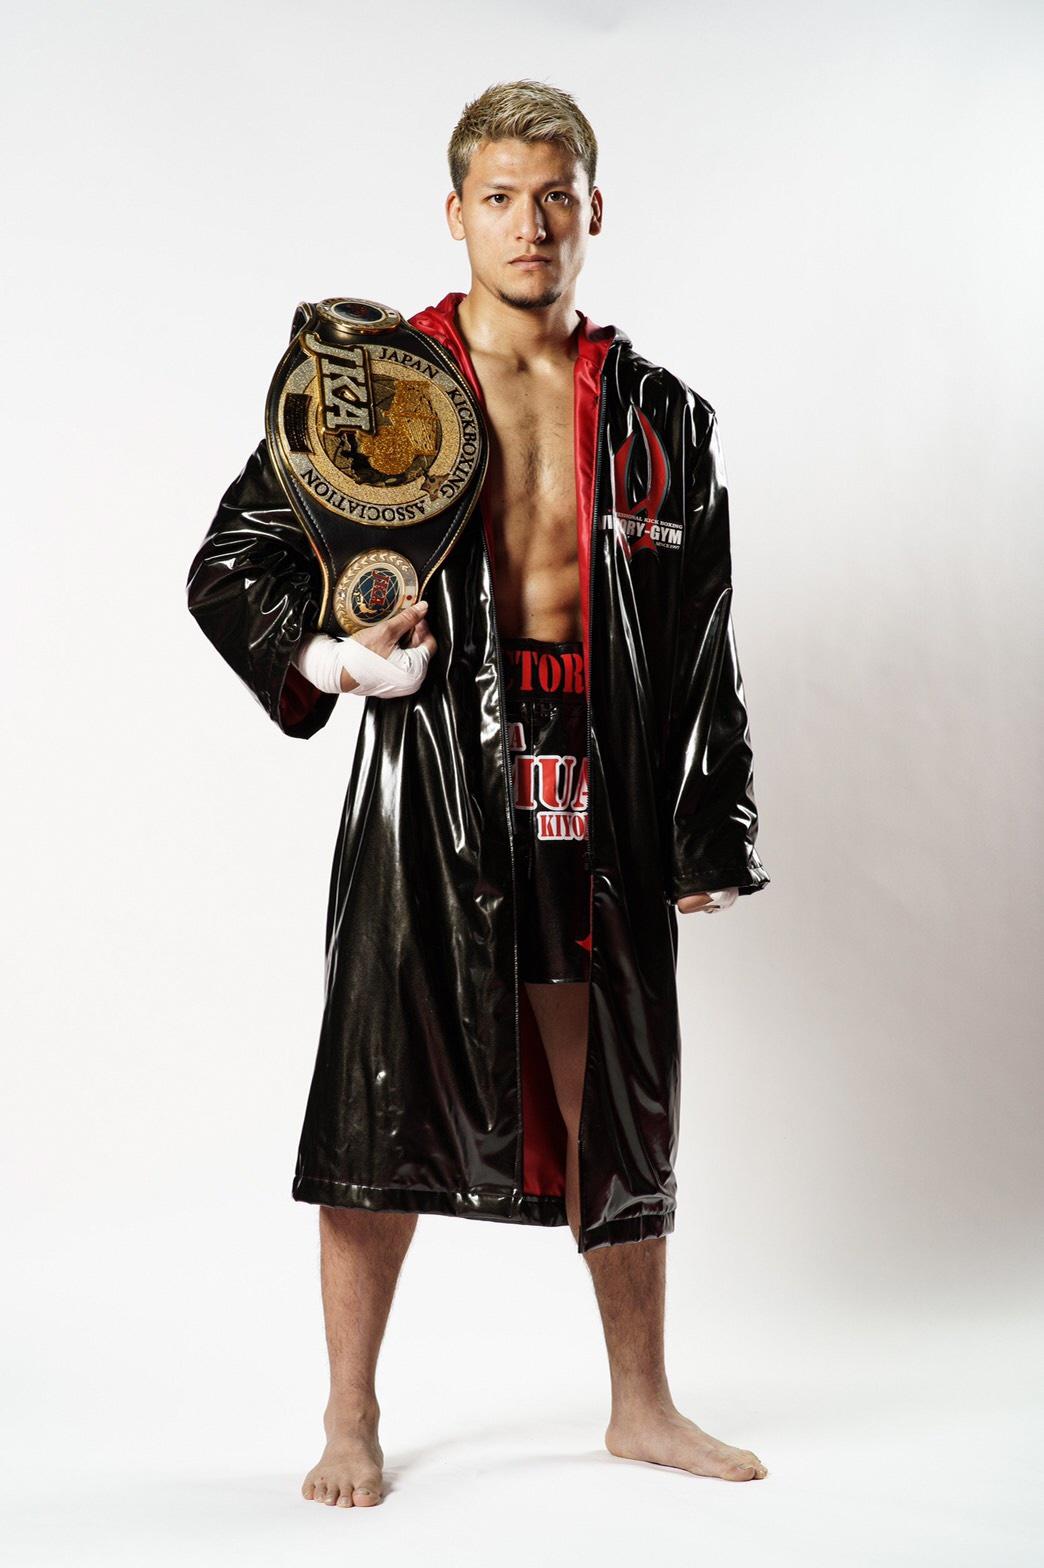 ジャパンキックボクシング協会ライト級チャンピオン 永澤サムエル聖光さん(深谷市在住)05